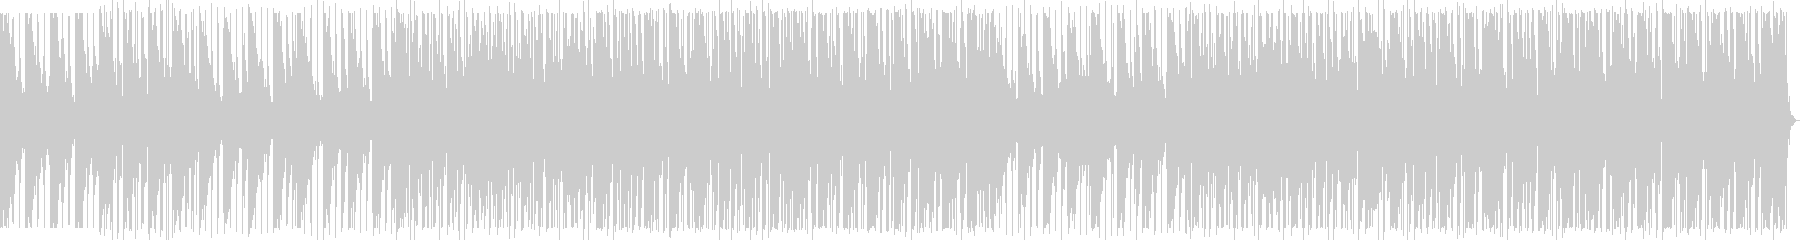 とろけそうなハウス_No641_1の未再生の波形